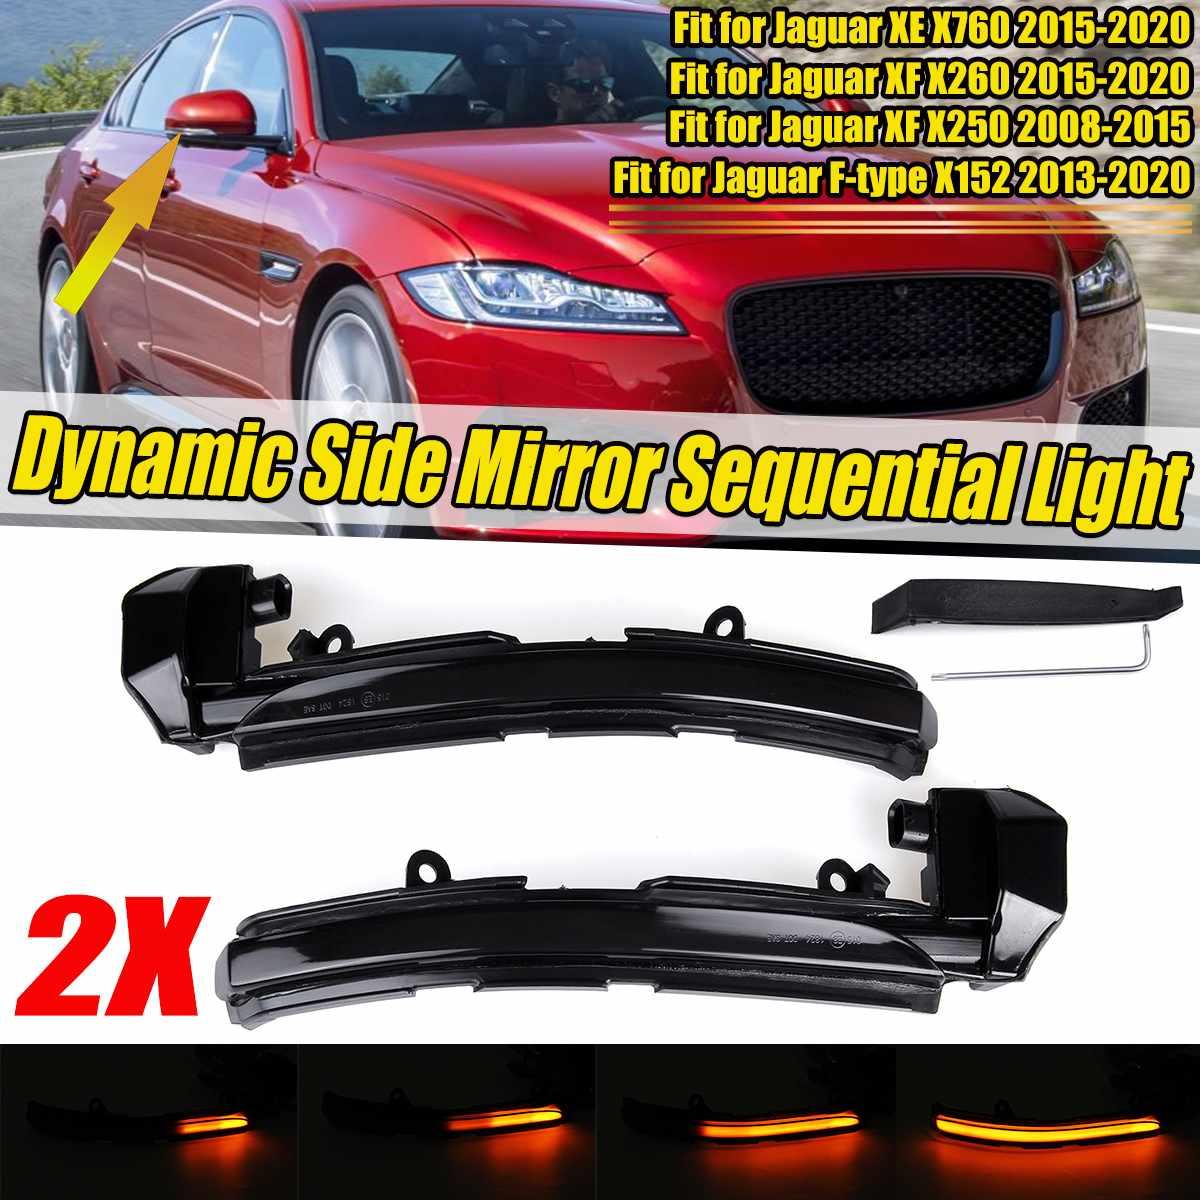 Пара светодиодный динамический сбоку Зеркало заднего вида Индикатор светильник сигнала поворота светильник s лампы для Jaguar XE XF XJ F-TYPE XKR IPACE ...